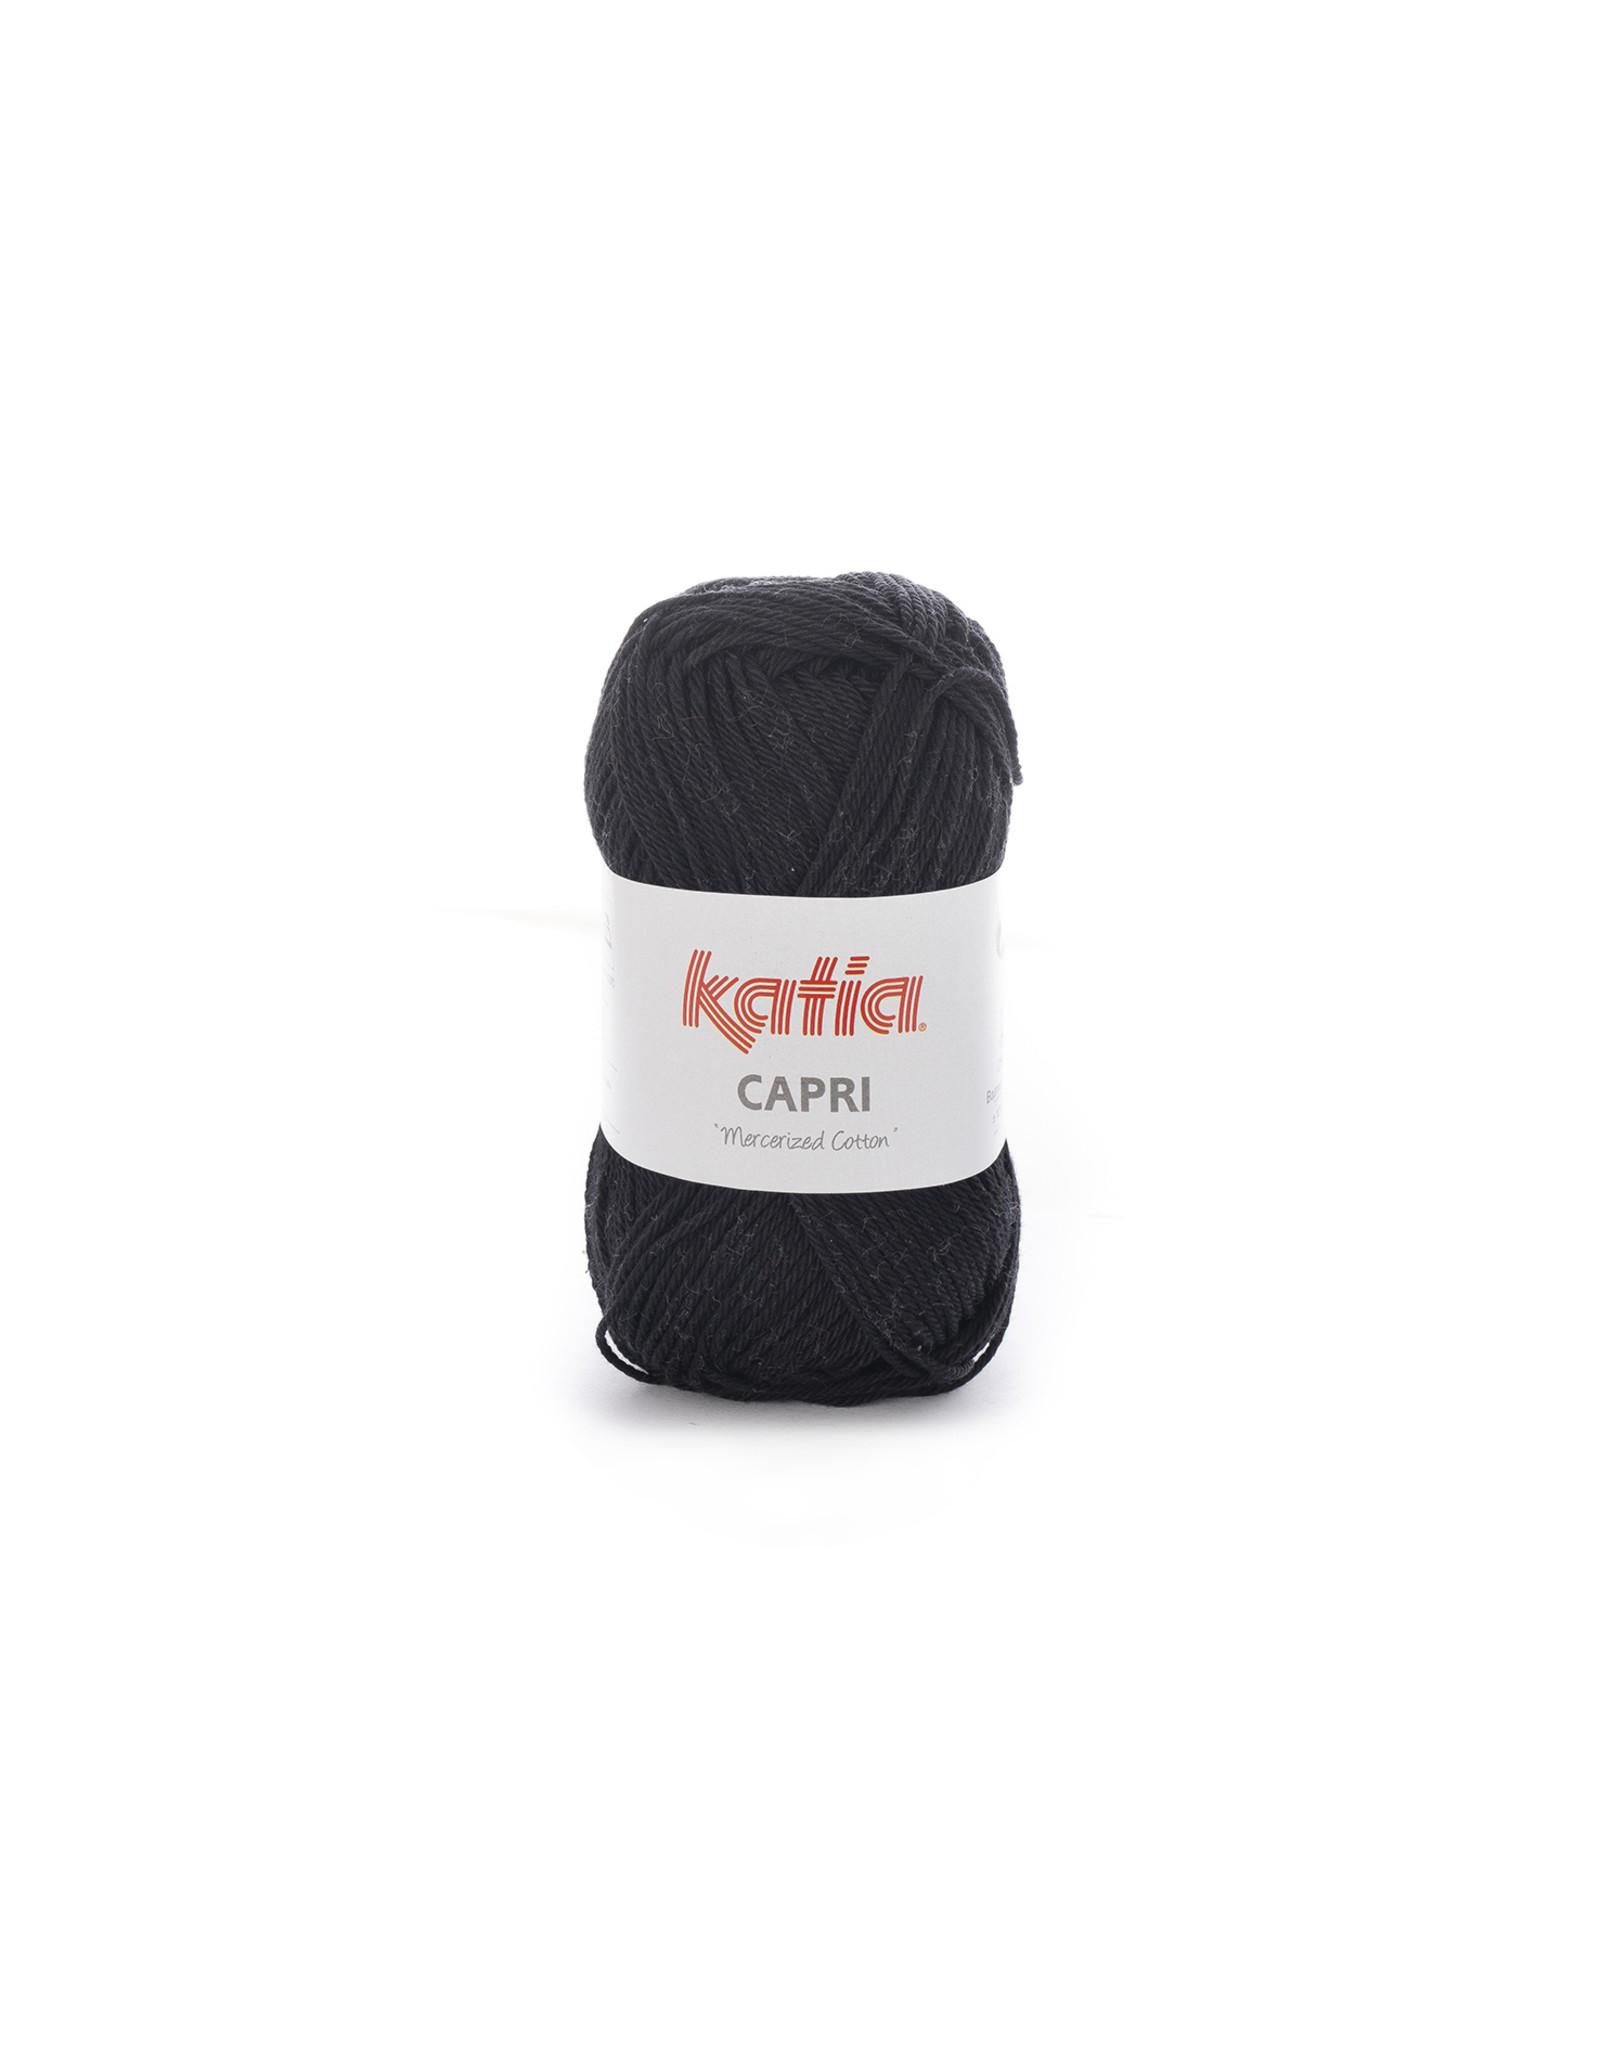 Katia Katia Capri - kleur 56 Zwart - 50 gr. = 125 m. - 100% katoen